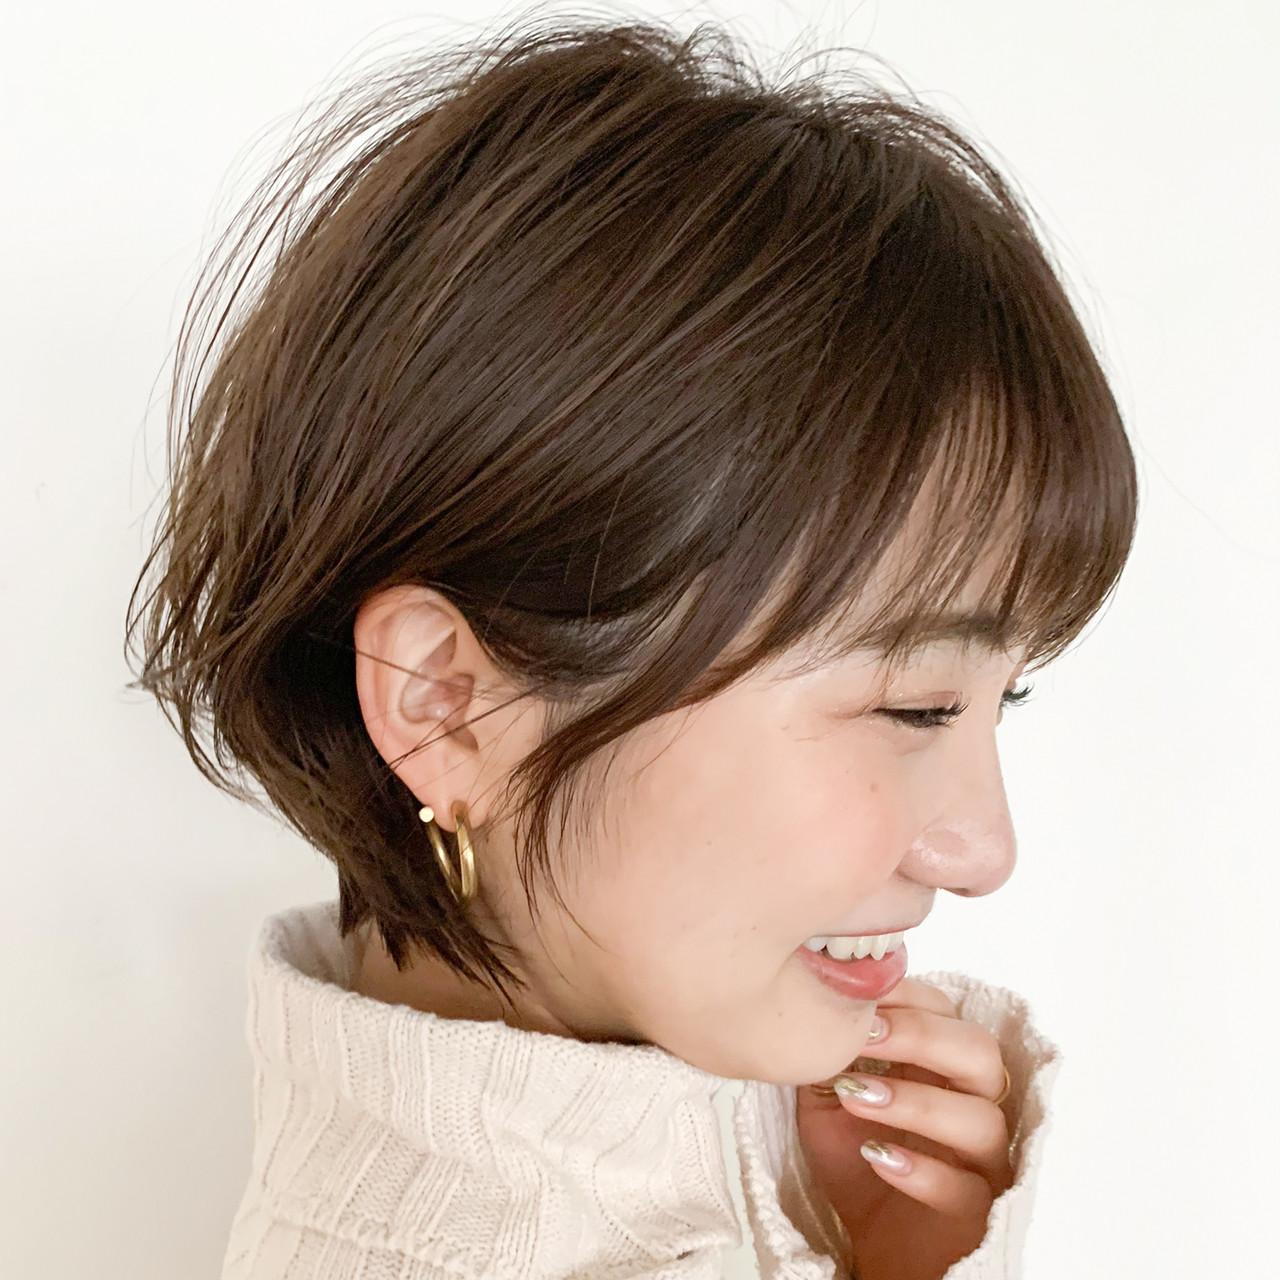 アンニュイほつれヘア ショートヘア ショートボブ ナチュラル ヘアスタイルや髪型の写真・画像 | LIPPS銀座 安田愛佳 / LIPPS 銀座